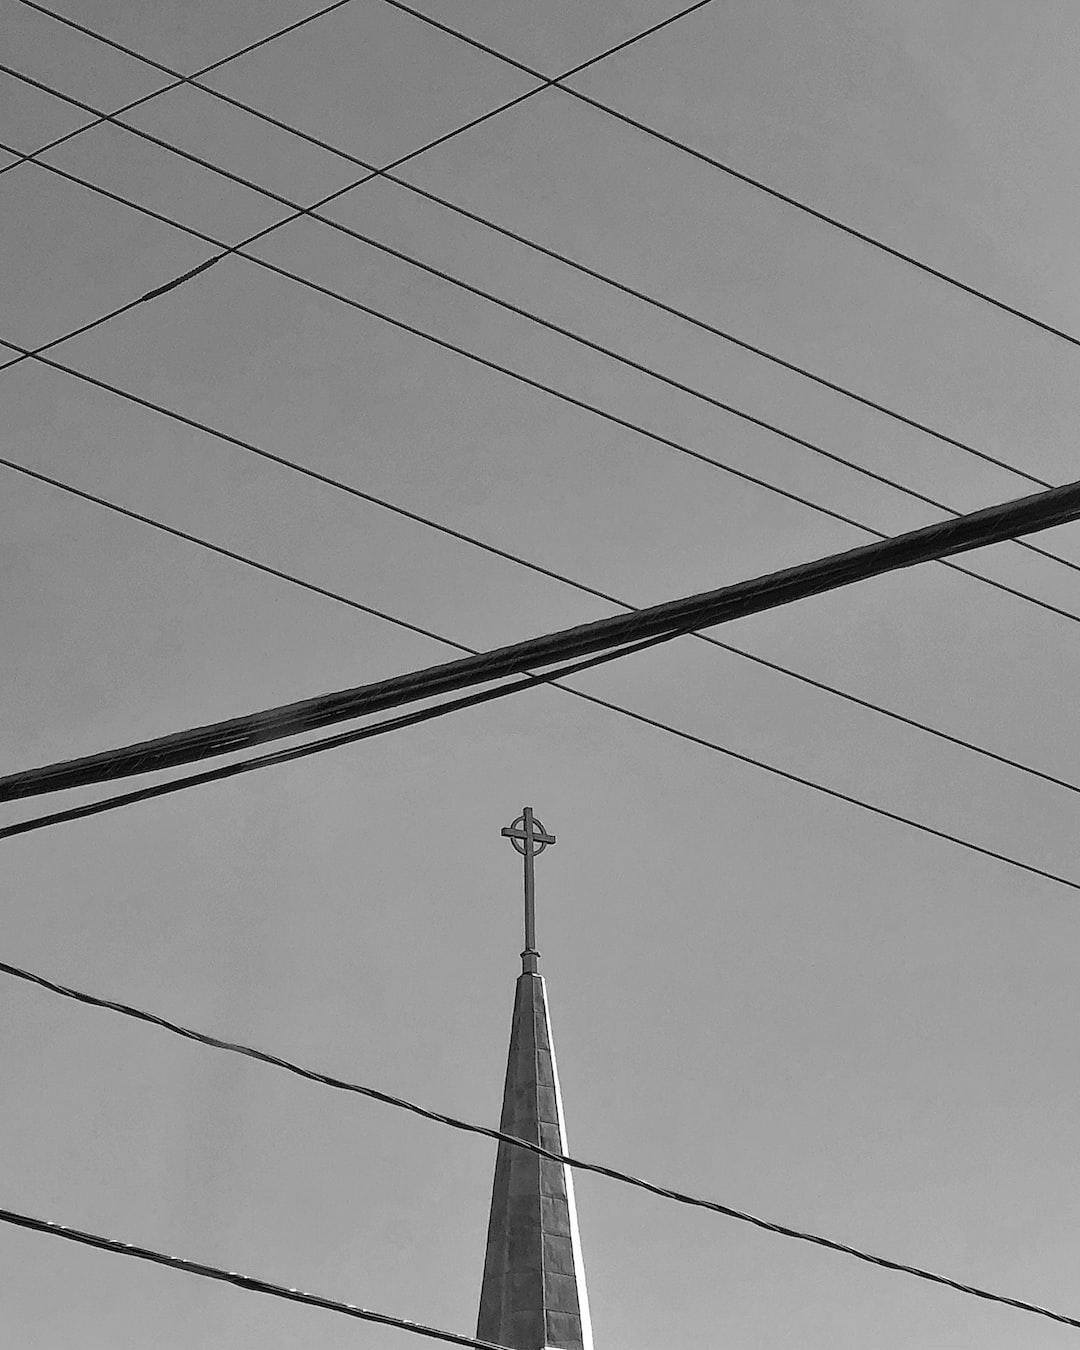 Power lines & religion